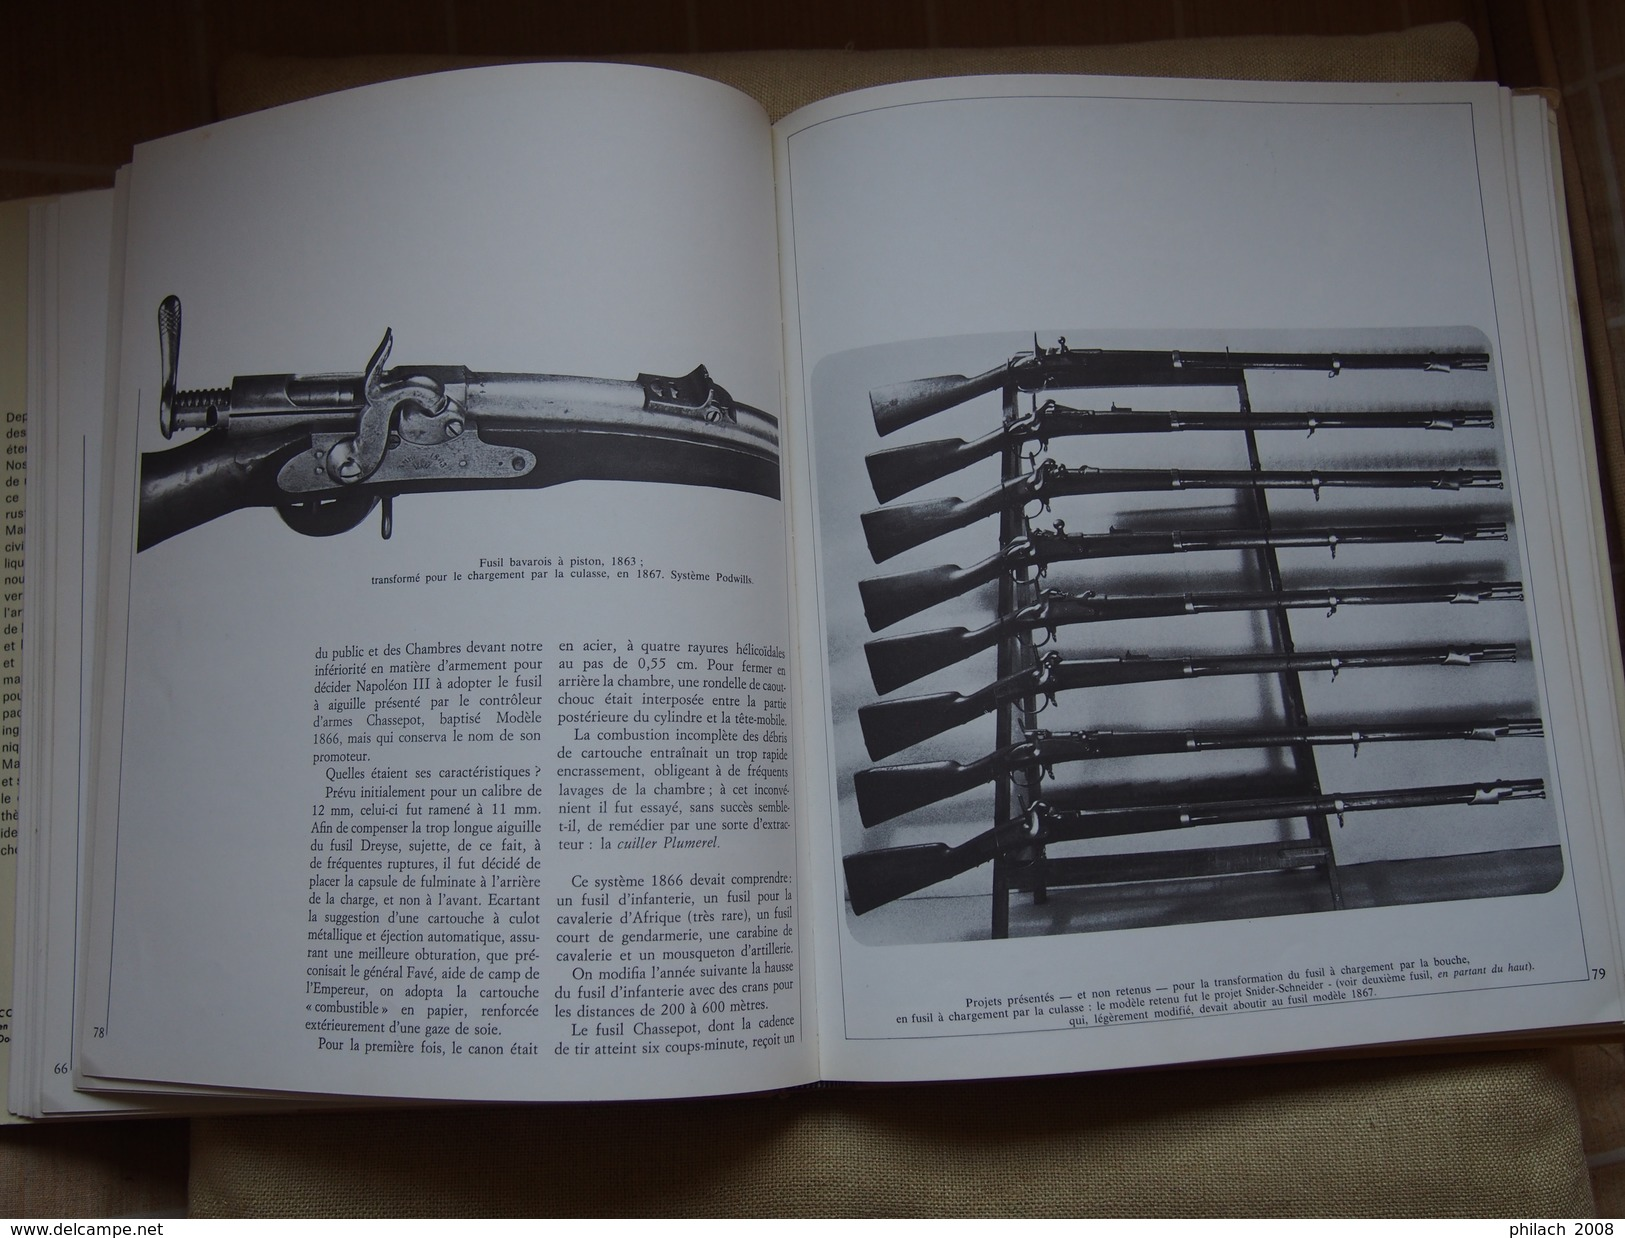 Les Armes A Feu - Books, Magazines  & Catalogs